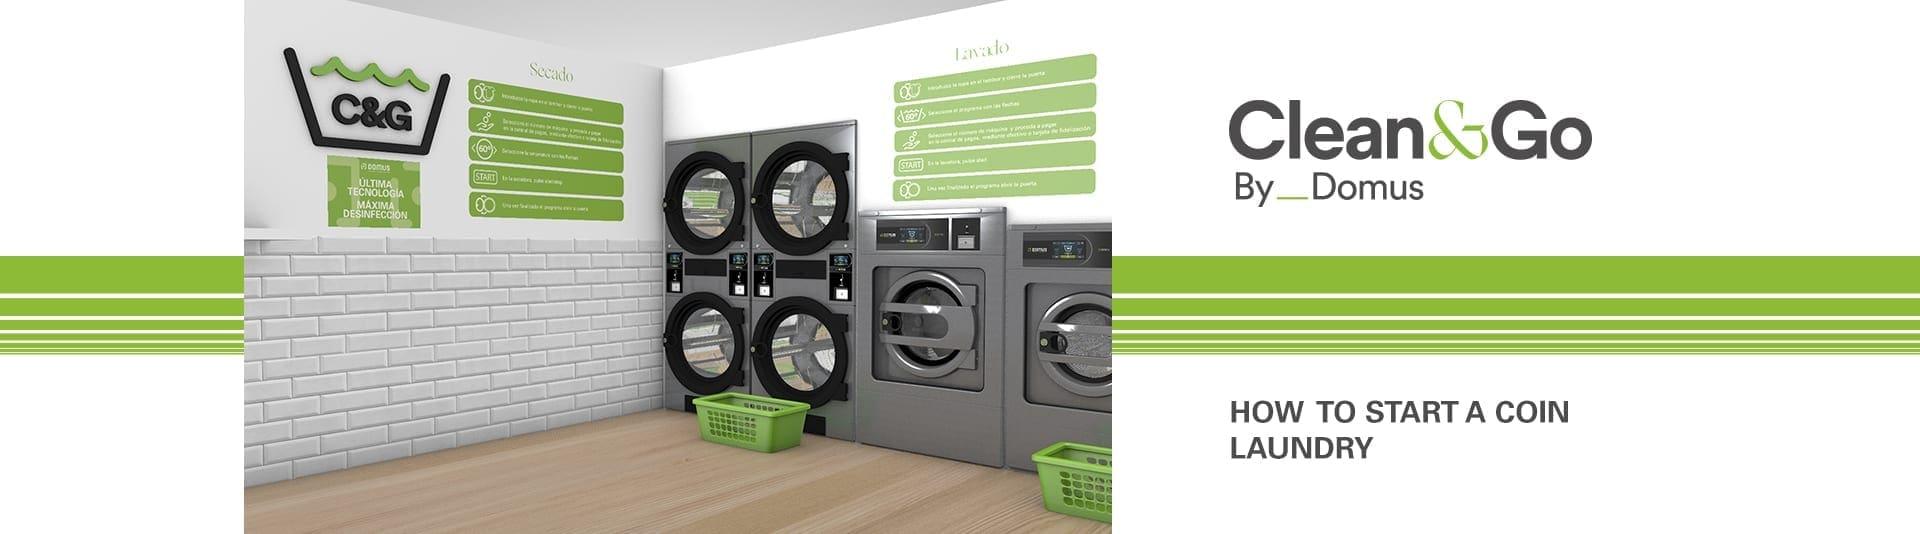 เครื่องซักอบผ้าหยอดเหรียญ DOMUS Clean&Go เครื่องซักอบผ้าอุตสาหกรรมแบบหยอดเหรียญ สำหรับ ร้านสะดวกซัก - heading